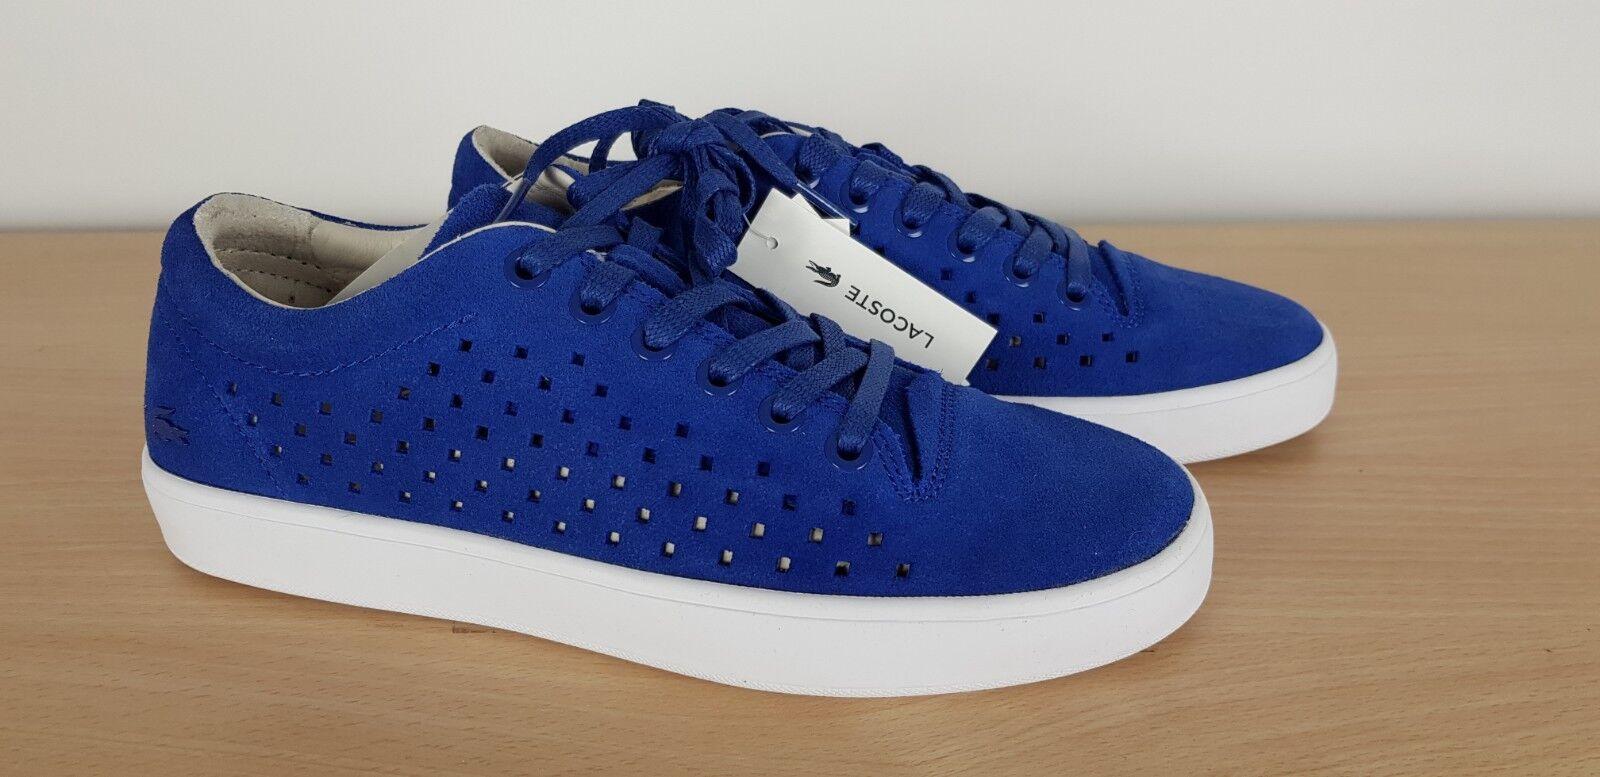 Lacoste Femmes Bleu Daim Tamora Lacets Casual Baskets Escarpins Chaussures UK 4